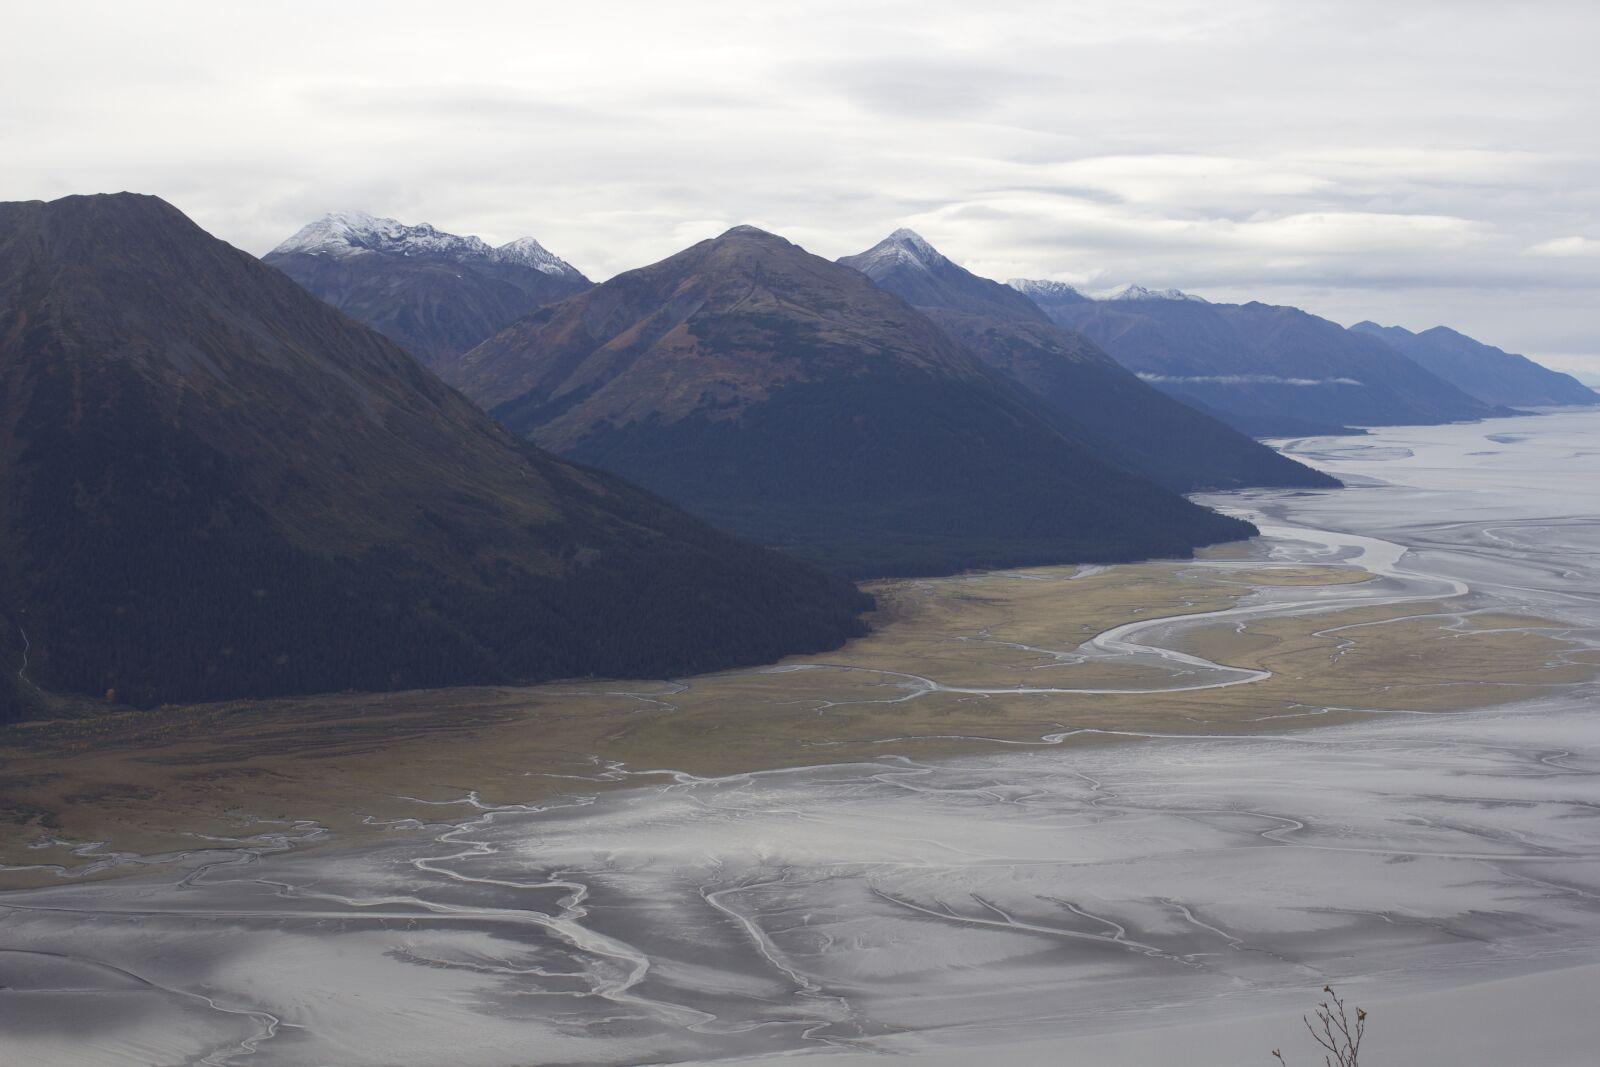 """Canon EOS 60D sample photo. """"Mountains, ocean, tide"""" photography"""